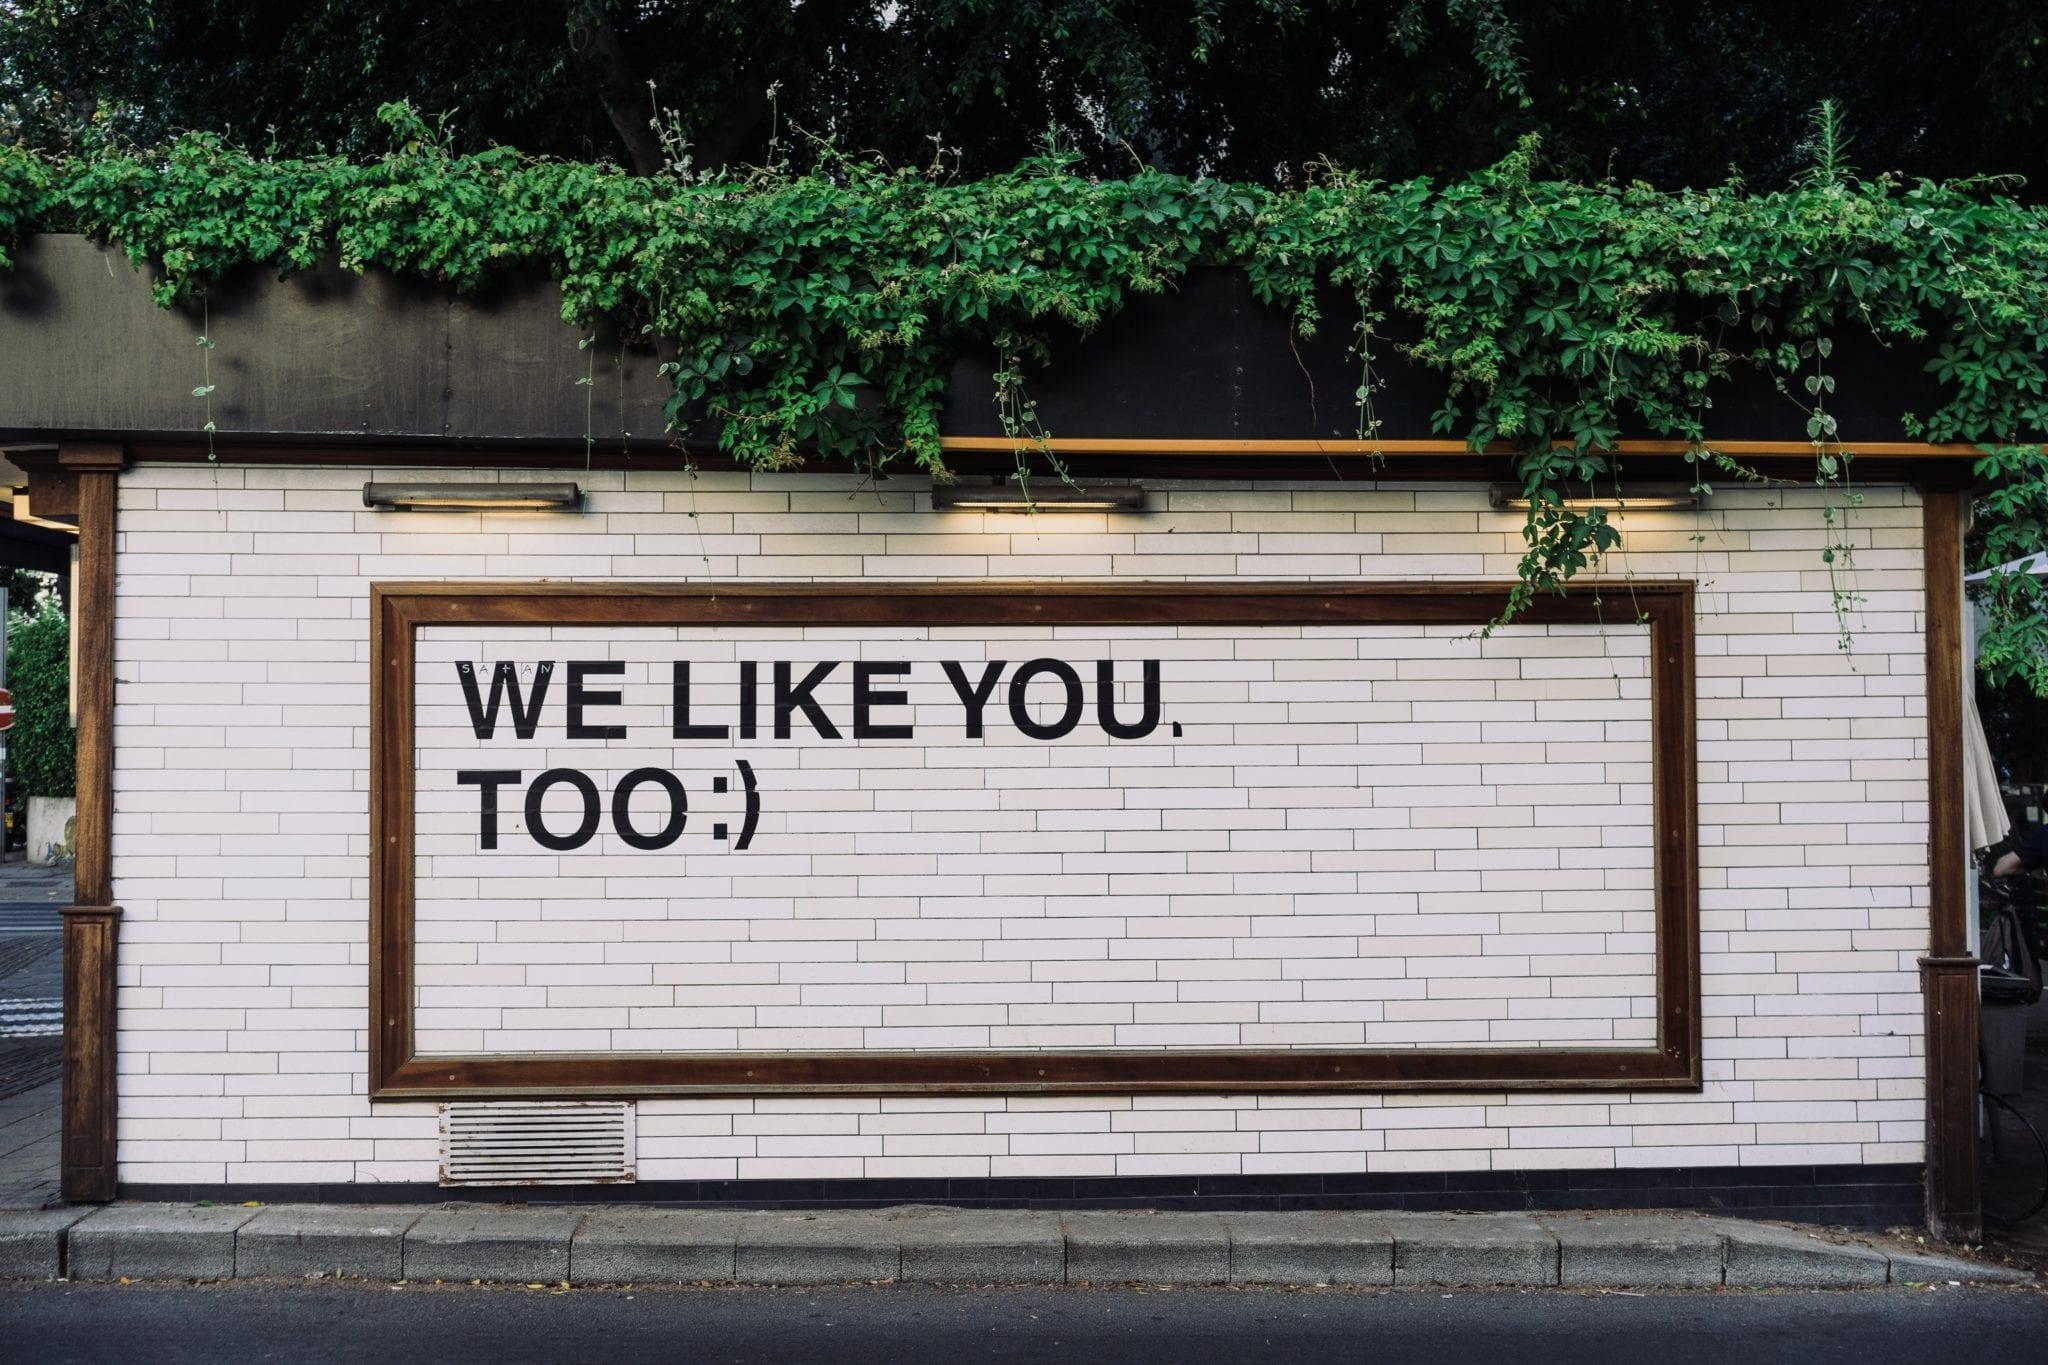 Crea Contenido Exitoso Para Facebook, Comparte, Interactúa, Cree 2heart